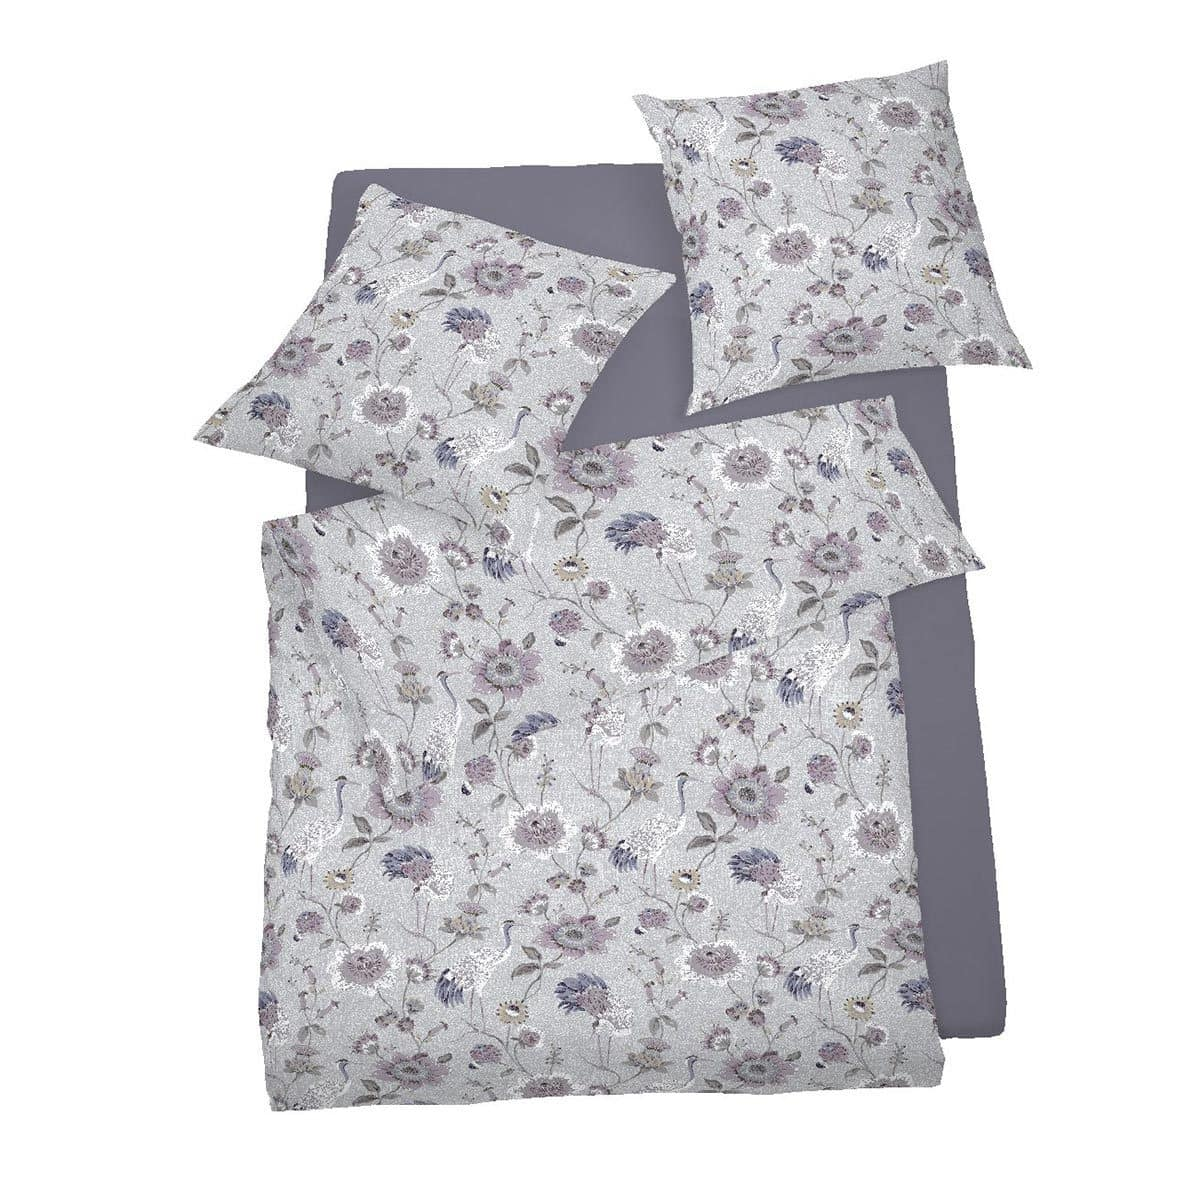 schlafgut soft touch cotton bettw sche phoenix aronia g nstig online kaufen bei bettwaren shop. Black Bedroom Furniture Sets. Home Design Ideas